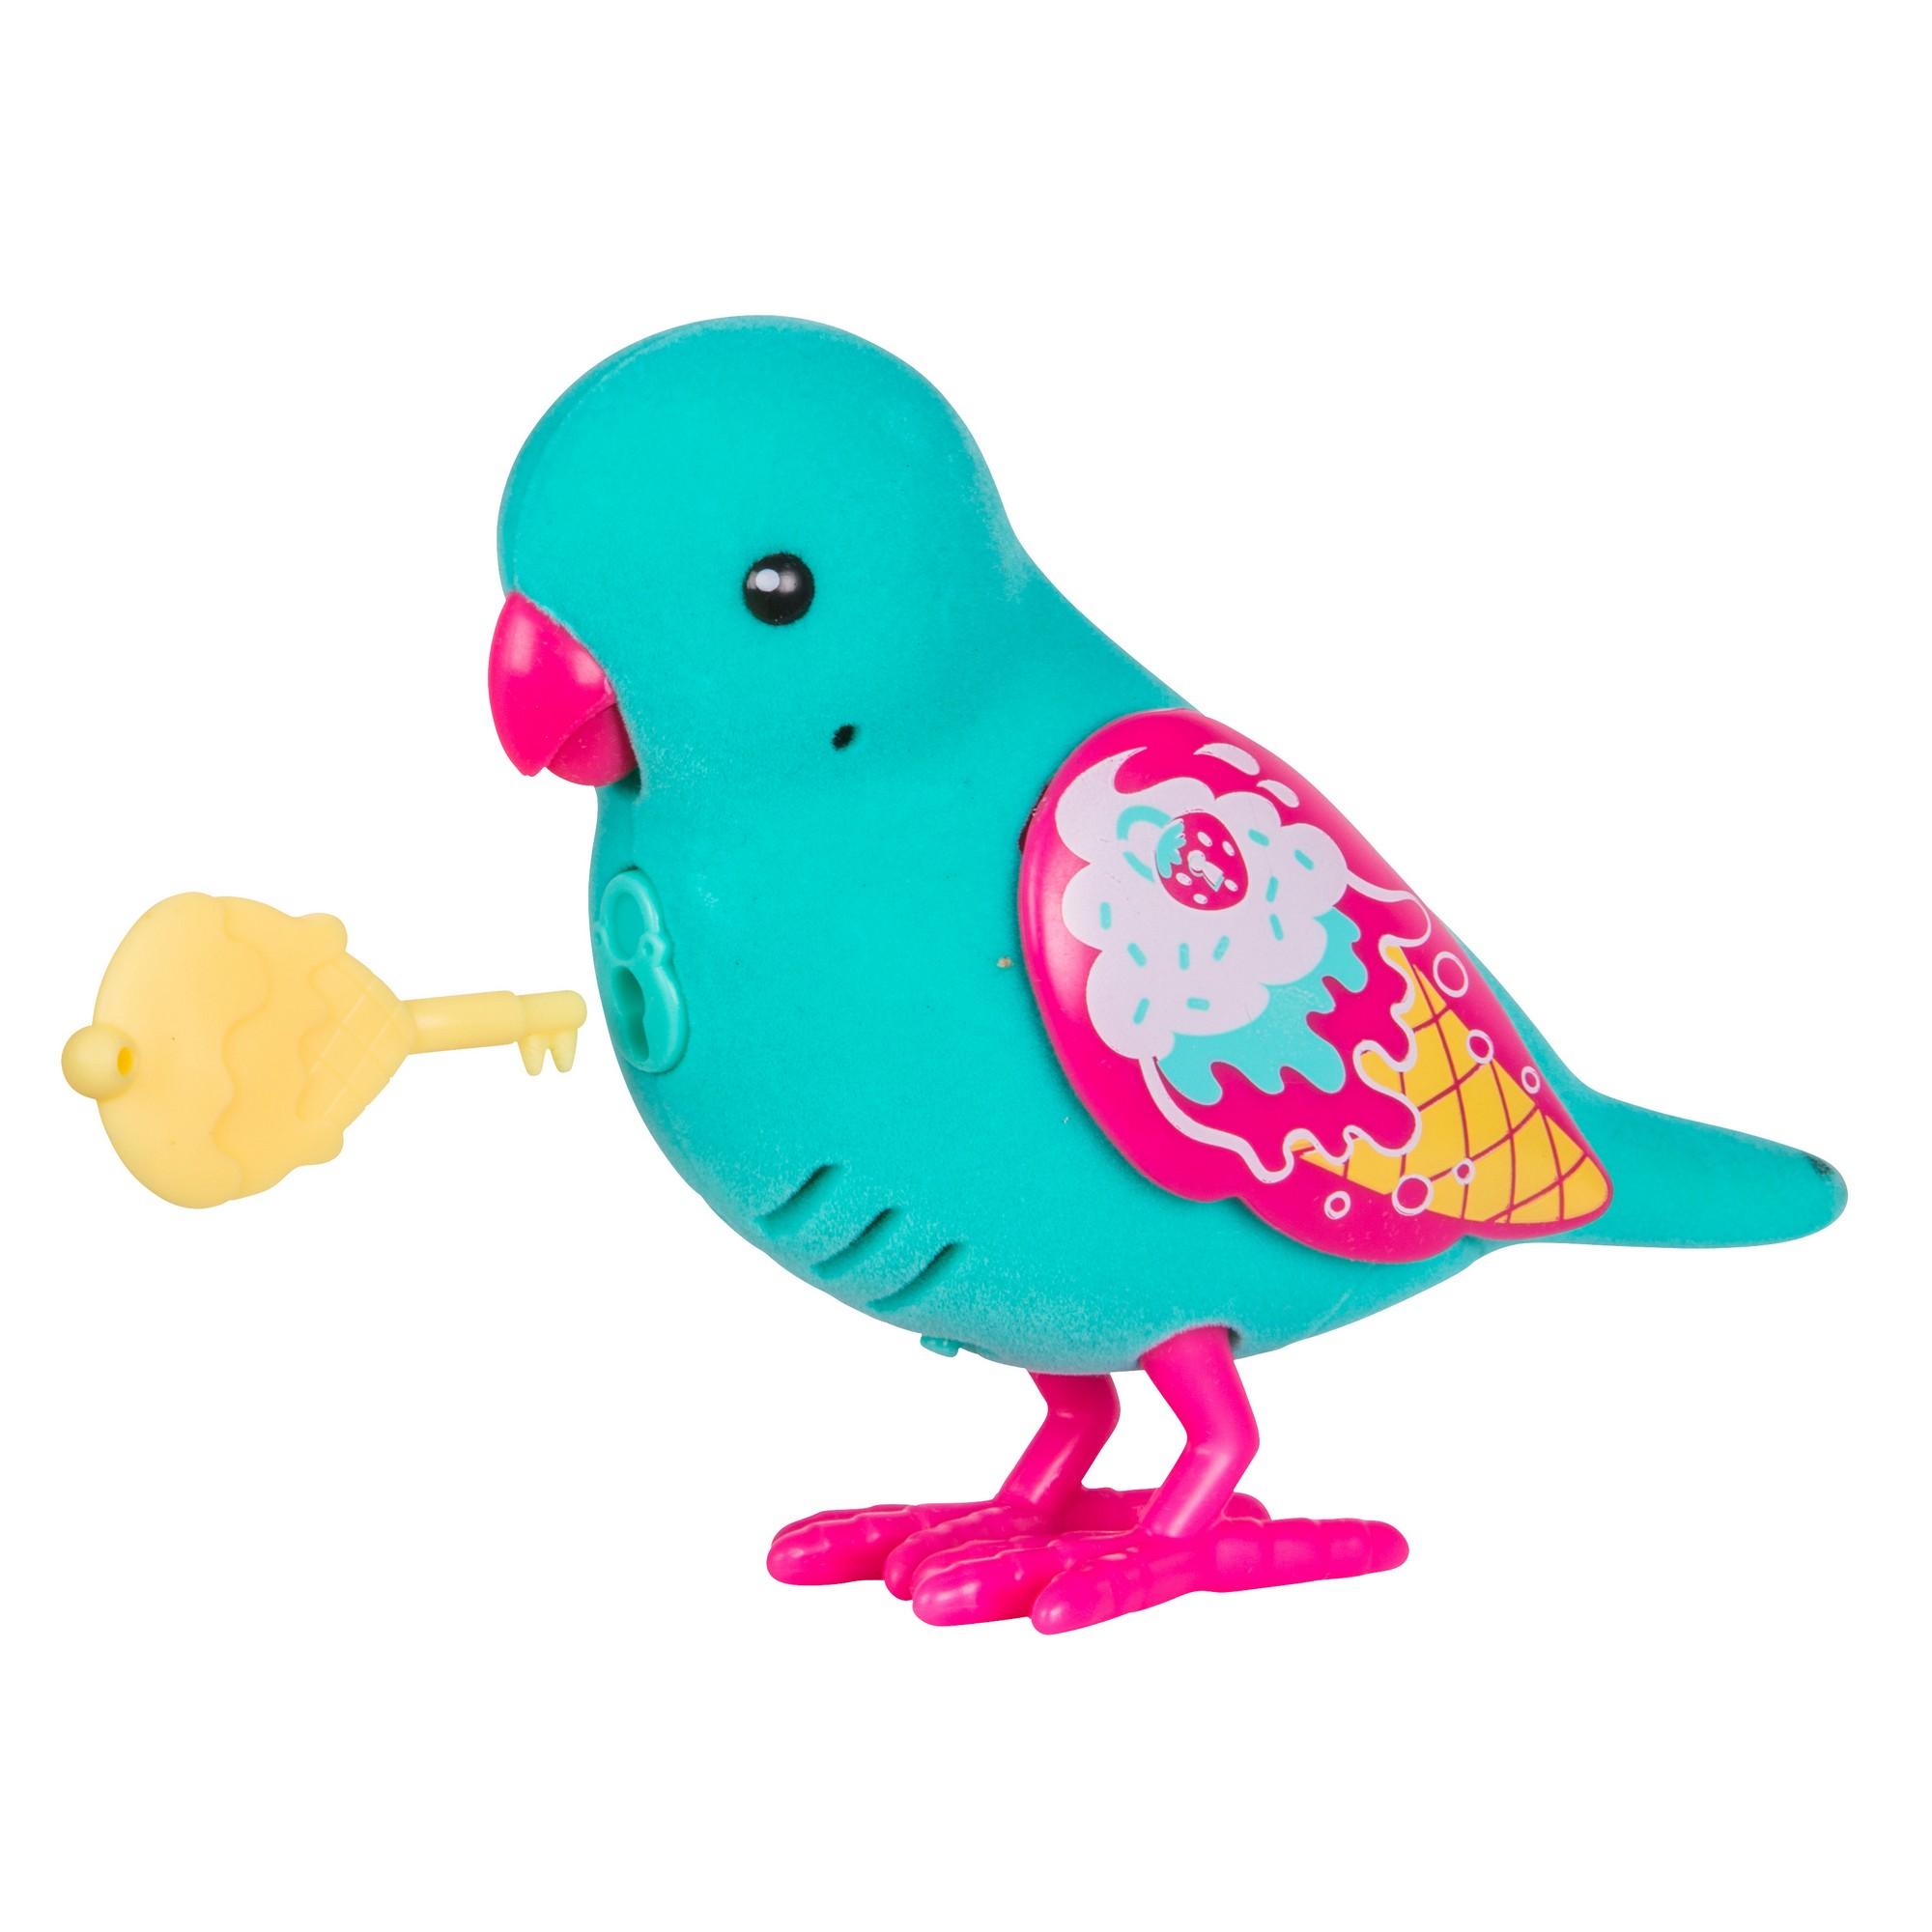 Интерактивная птичка Little Live Pets - Secret Sweetie (звук, запись), голубая